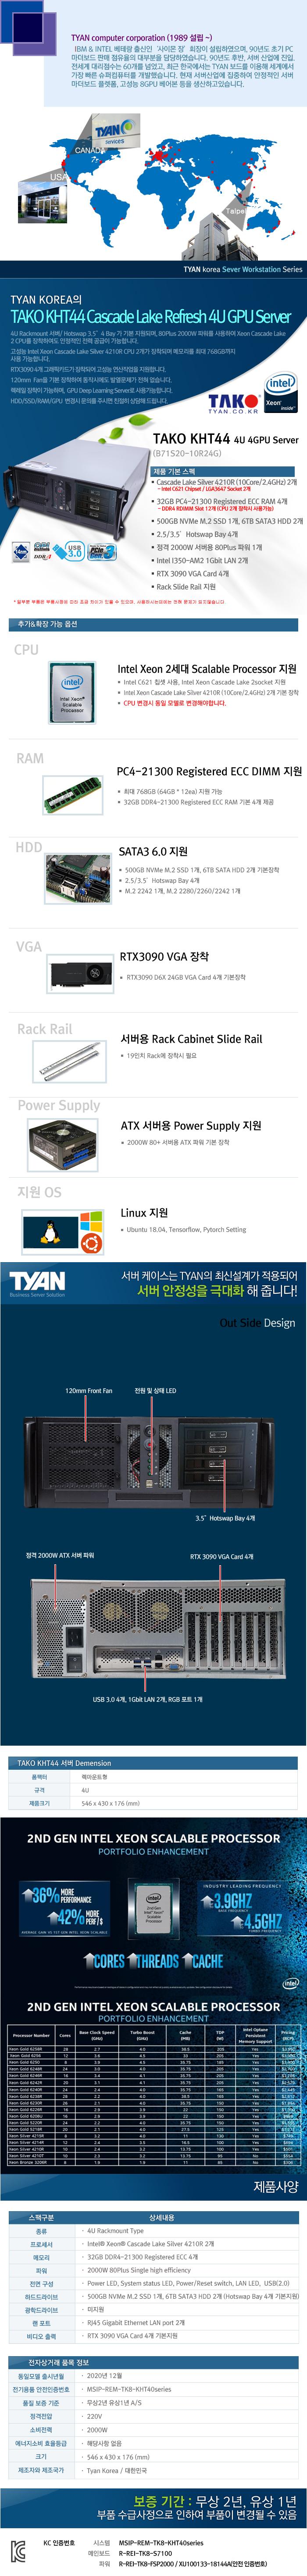 TYAN TAKO-KHT44-(B71S20-10R24G)-RTX3090 4GPU (128GB, M2 500GB + 12TB)